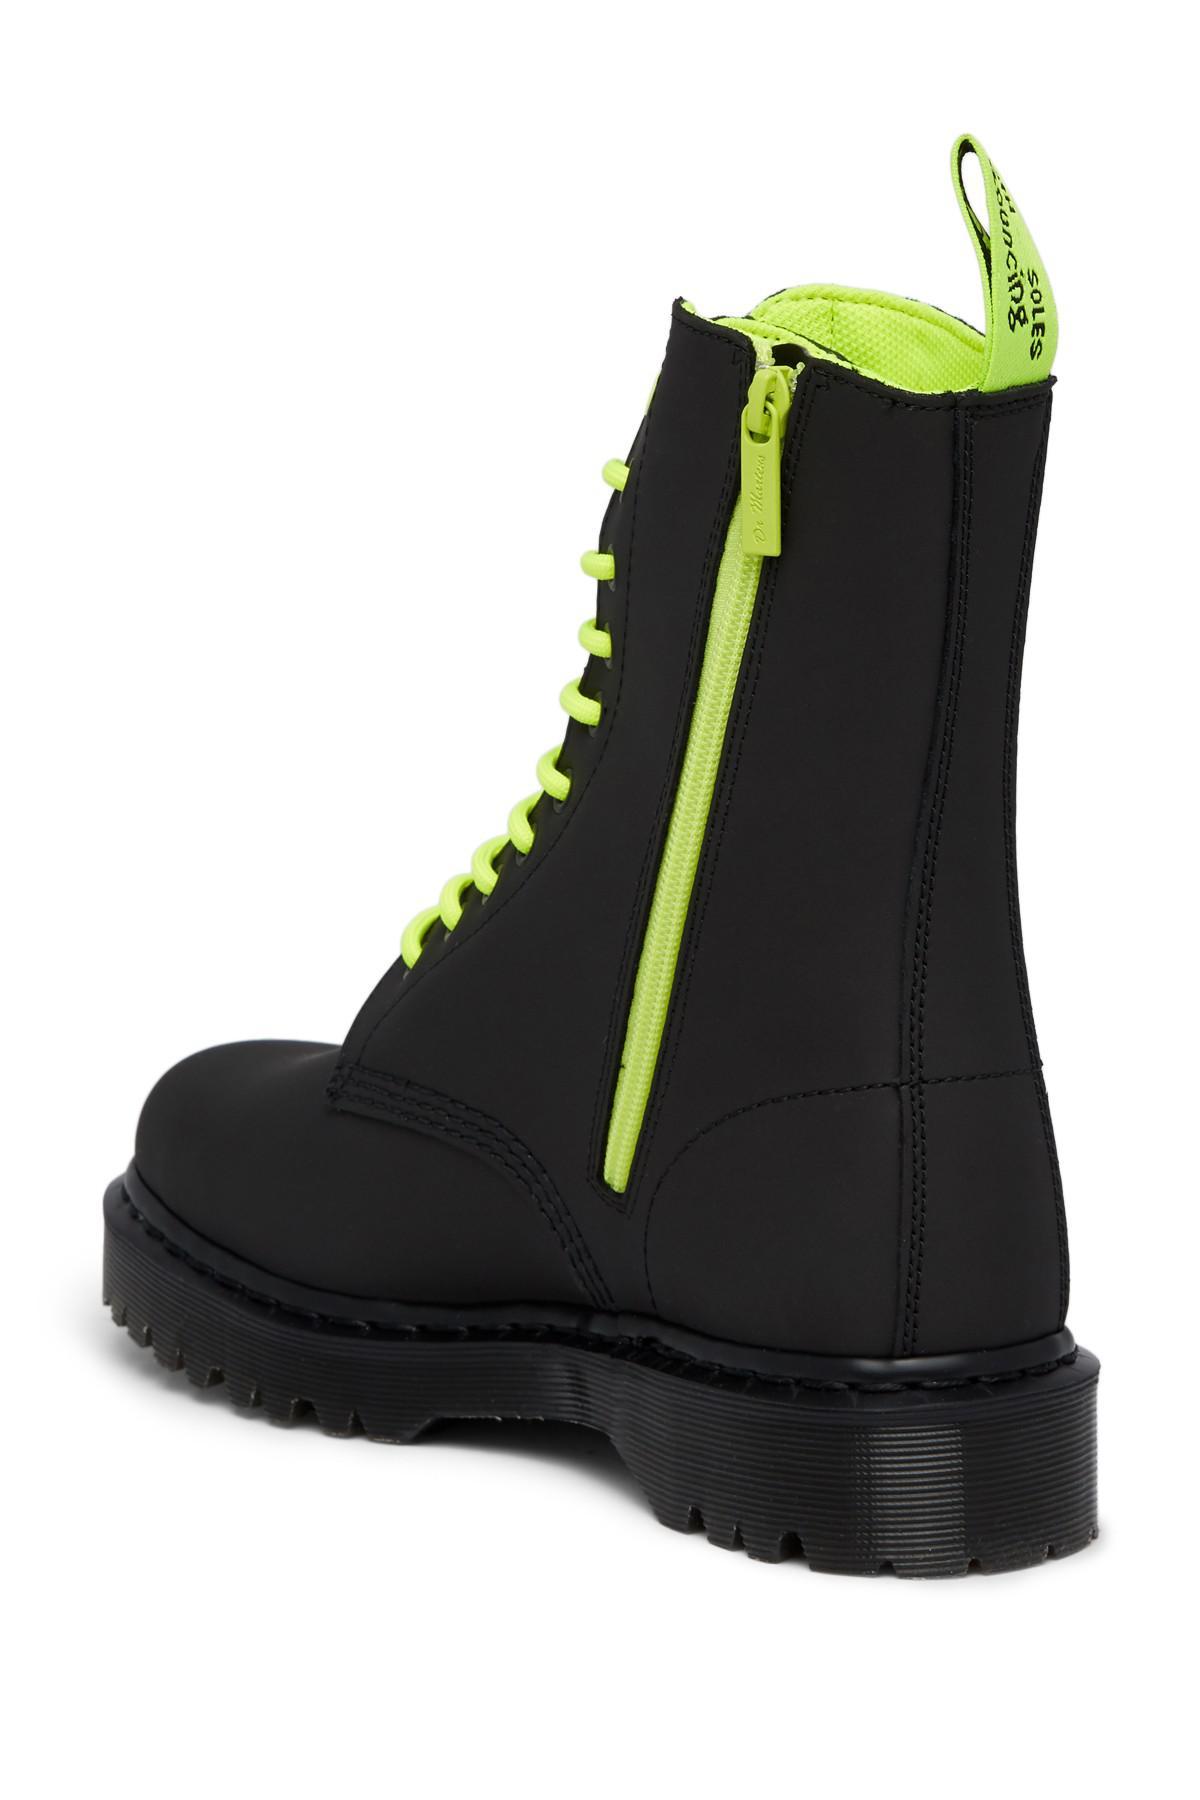 f097f5a7d0c Dr. Martens - Black 1490 Alt Boot for Men - Lyst. View fullscreen